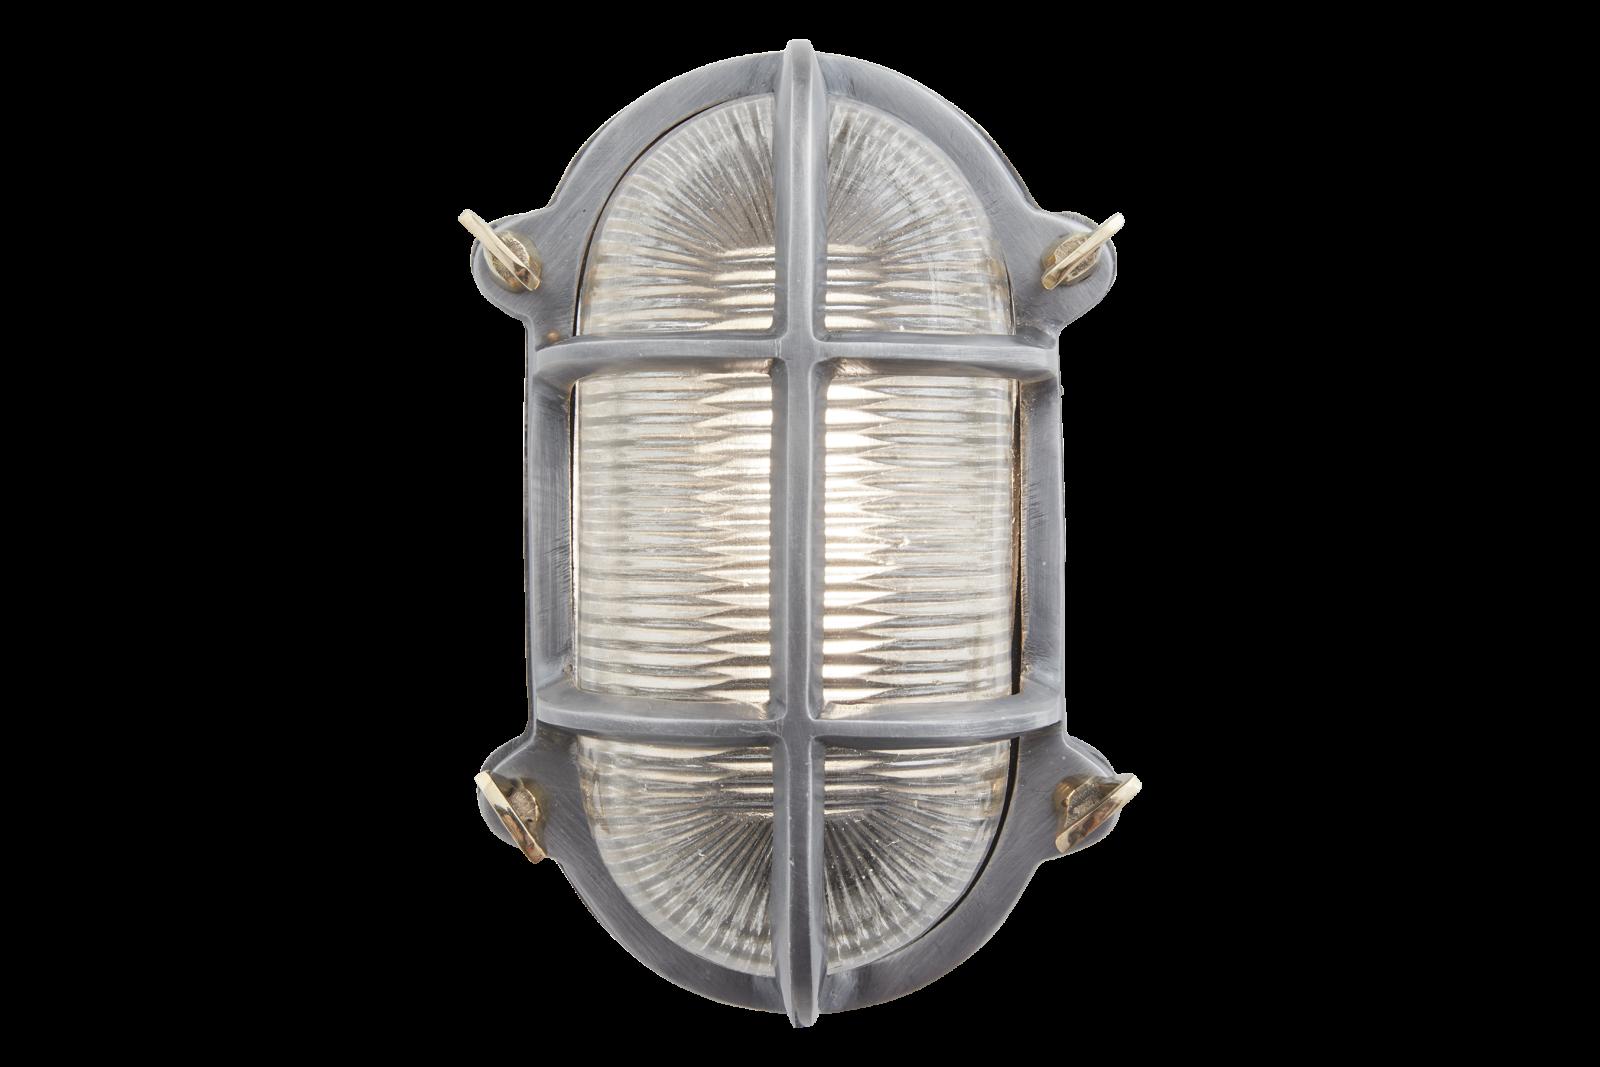 Bulkhead Outdoor & Bathroom Oval Light - 6 Inch - Gunmetal Bulkhead Outdoor & Bathroom Oval Light -